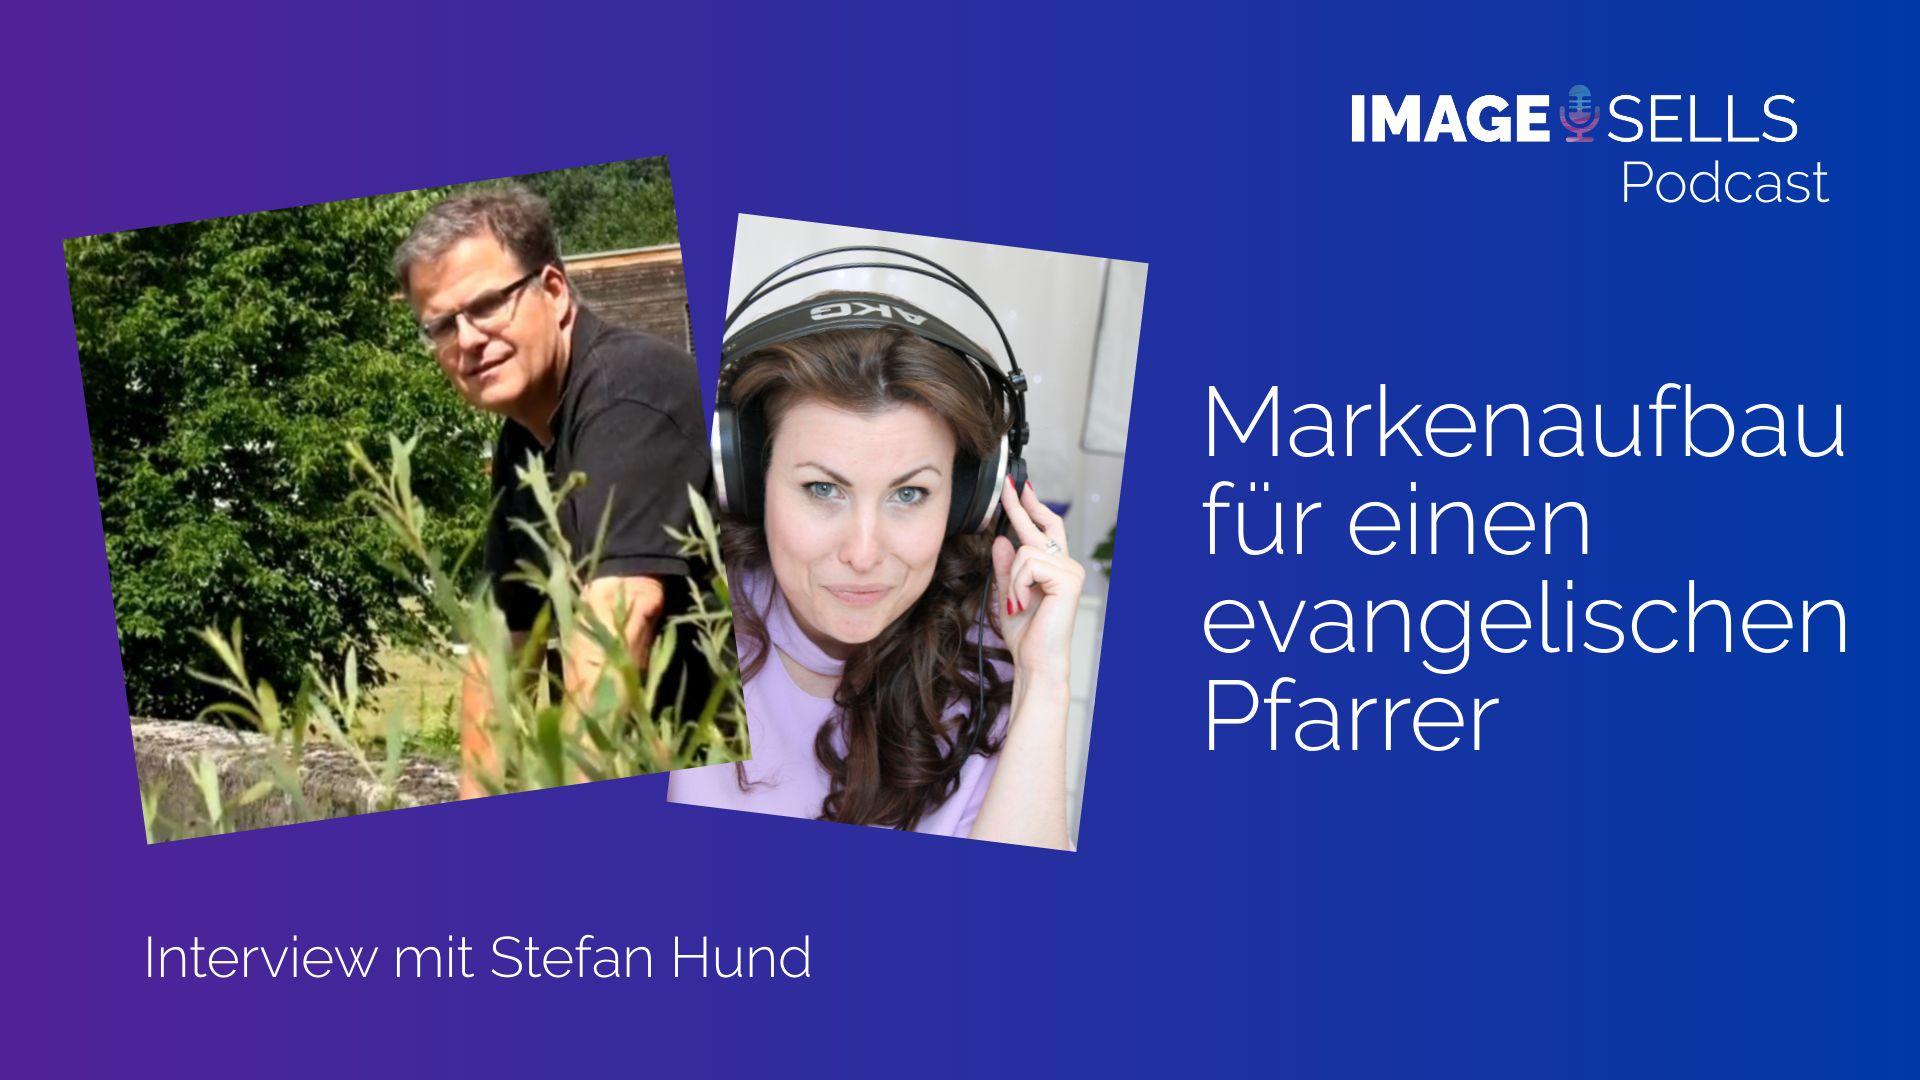 Stefan Hund-Markenaufbau für einen evangelischen Pfarrer-ein Erfahrungsbericht – ISP #030